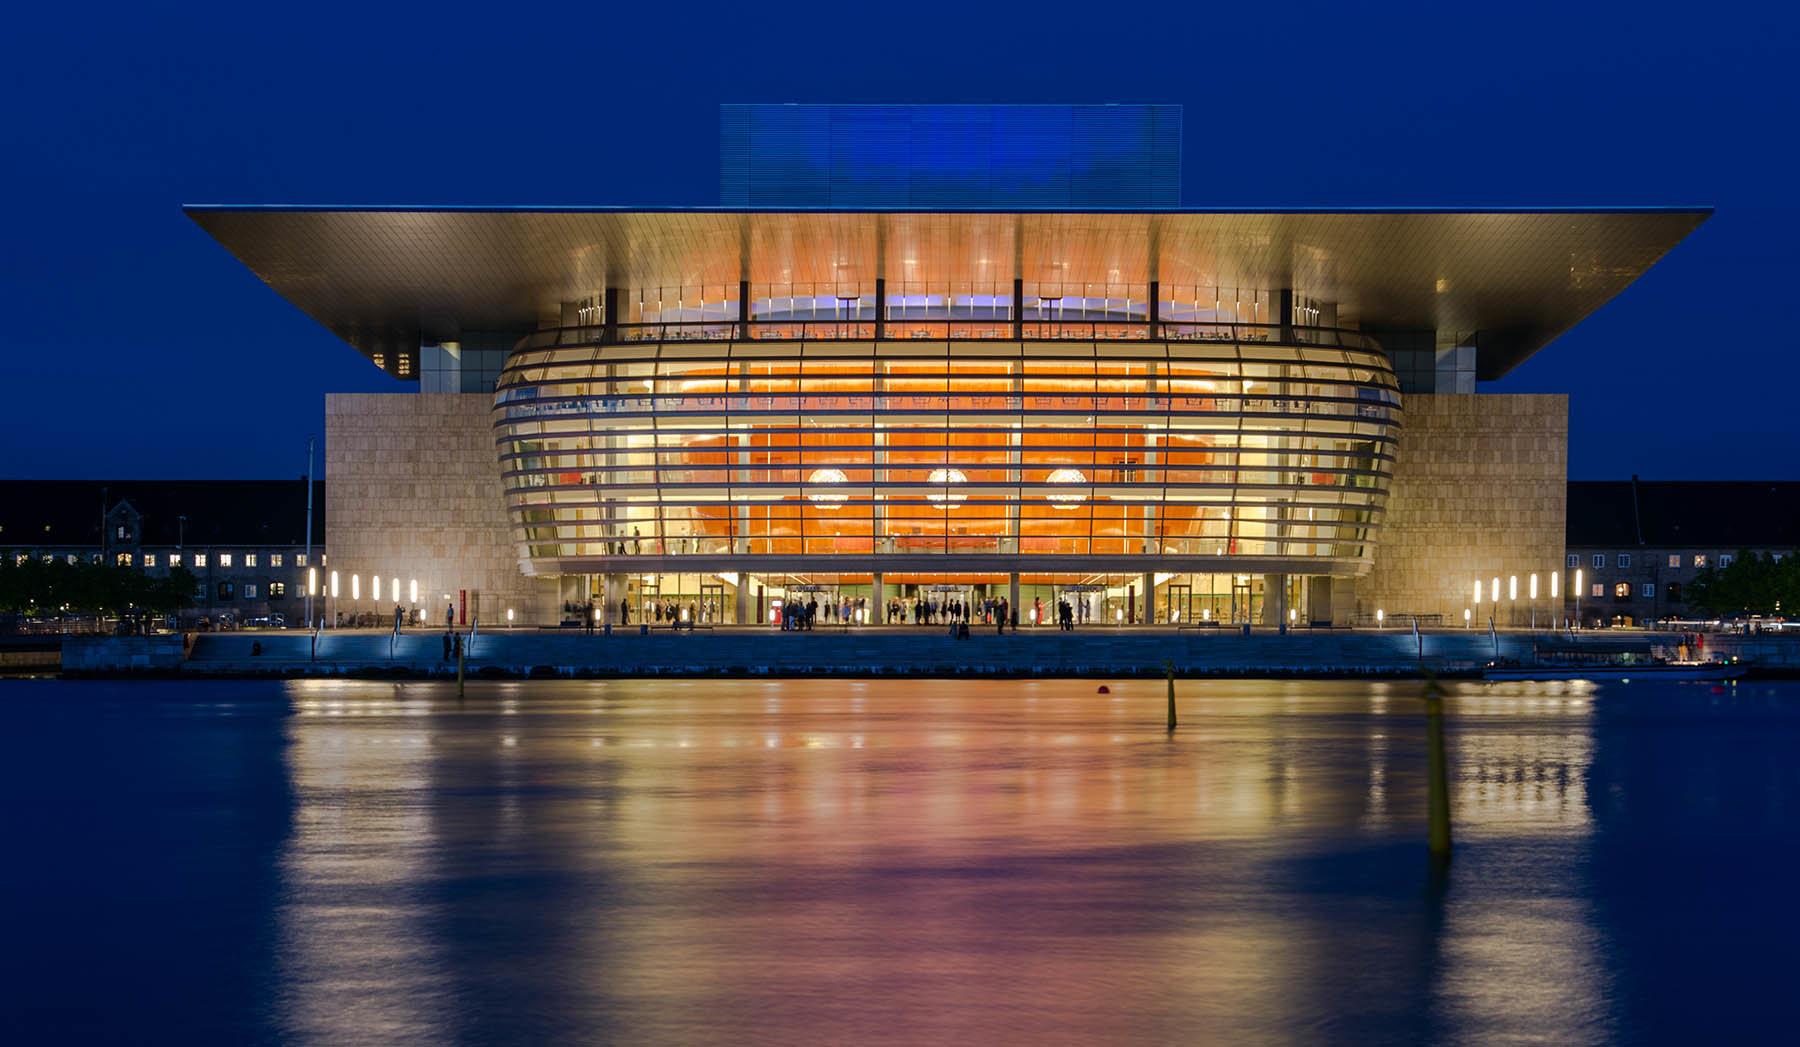 Rozświecony budynek Opery w Kopenhadze o niebieskiej godzinie.